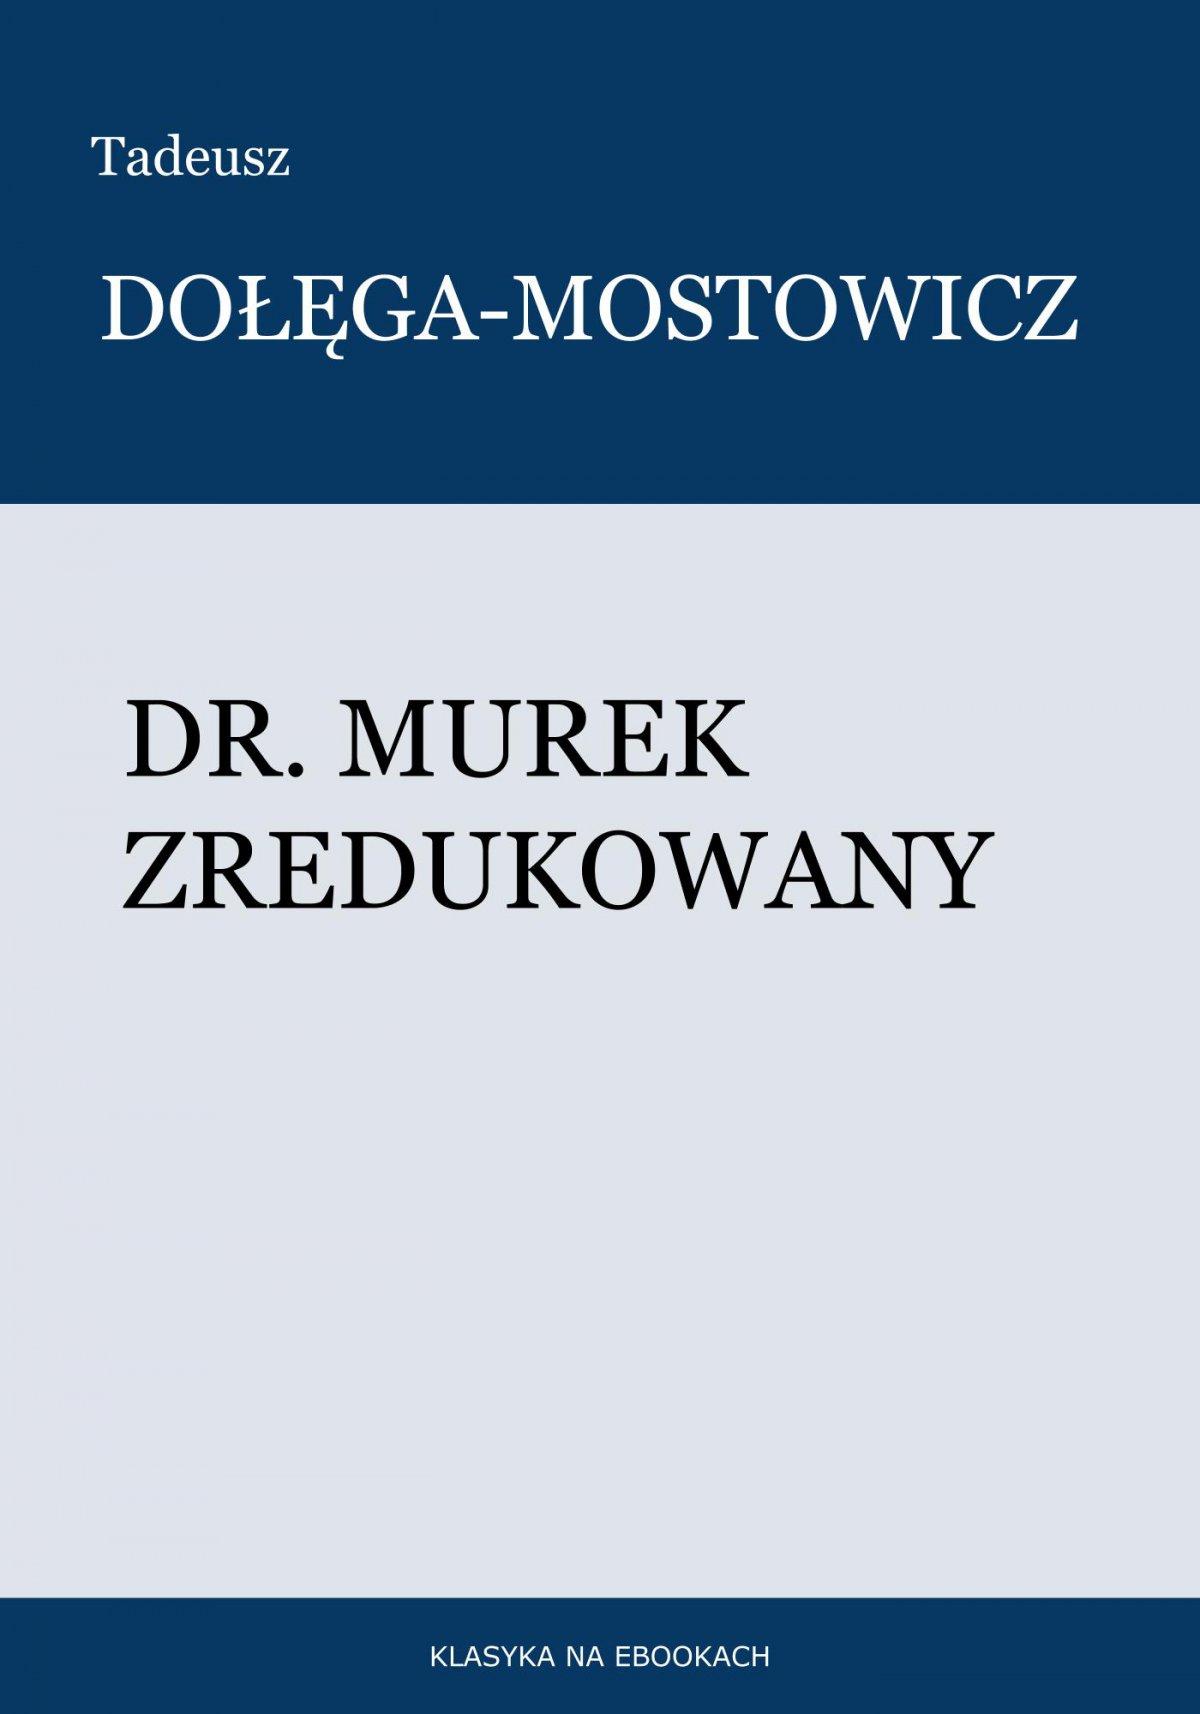 Dr. Murek zredukowany - Ebook (Książka na Kindle) do pobrania w formacie MOBI